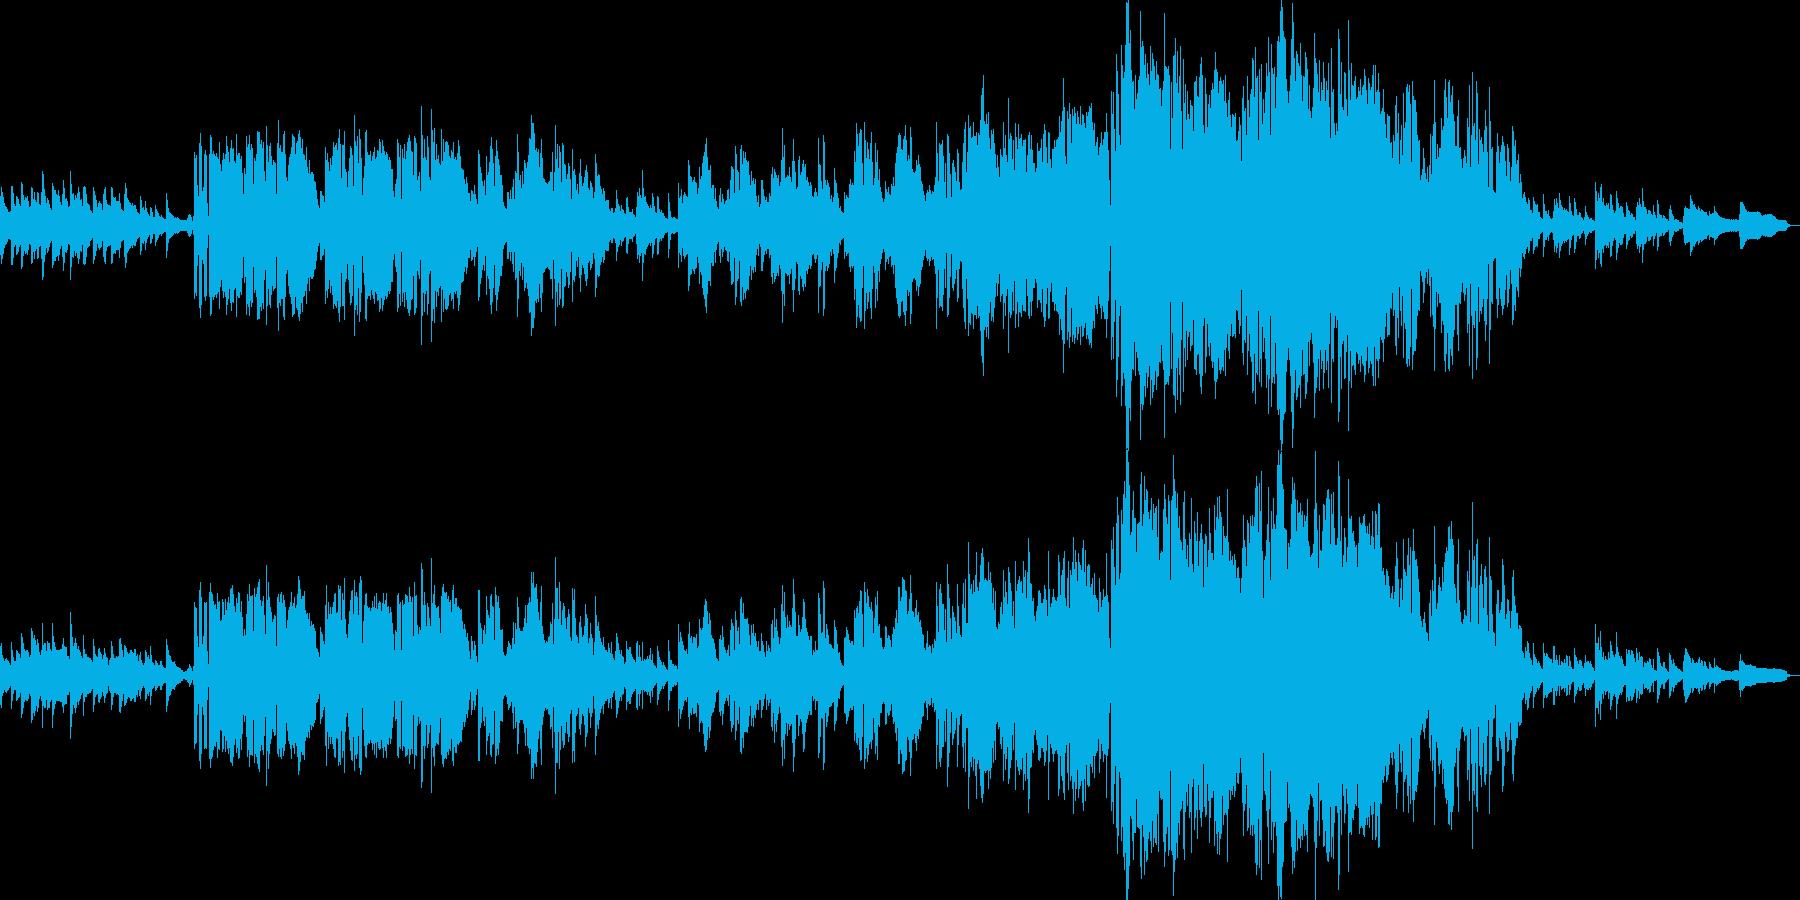 英語女性ボーカル・ディズニーバラード風の再生済みの波形